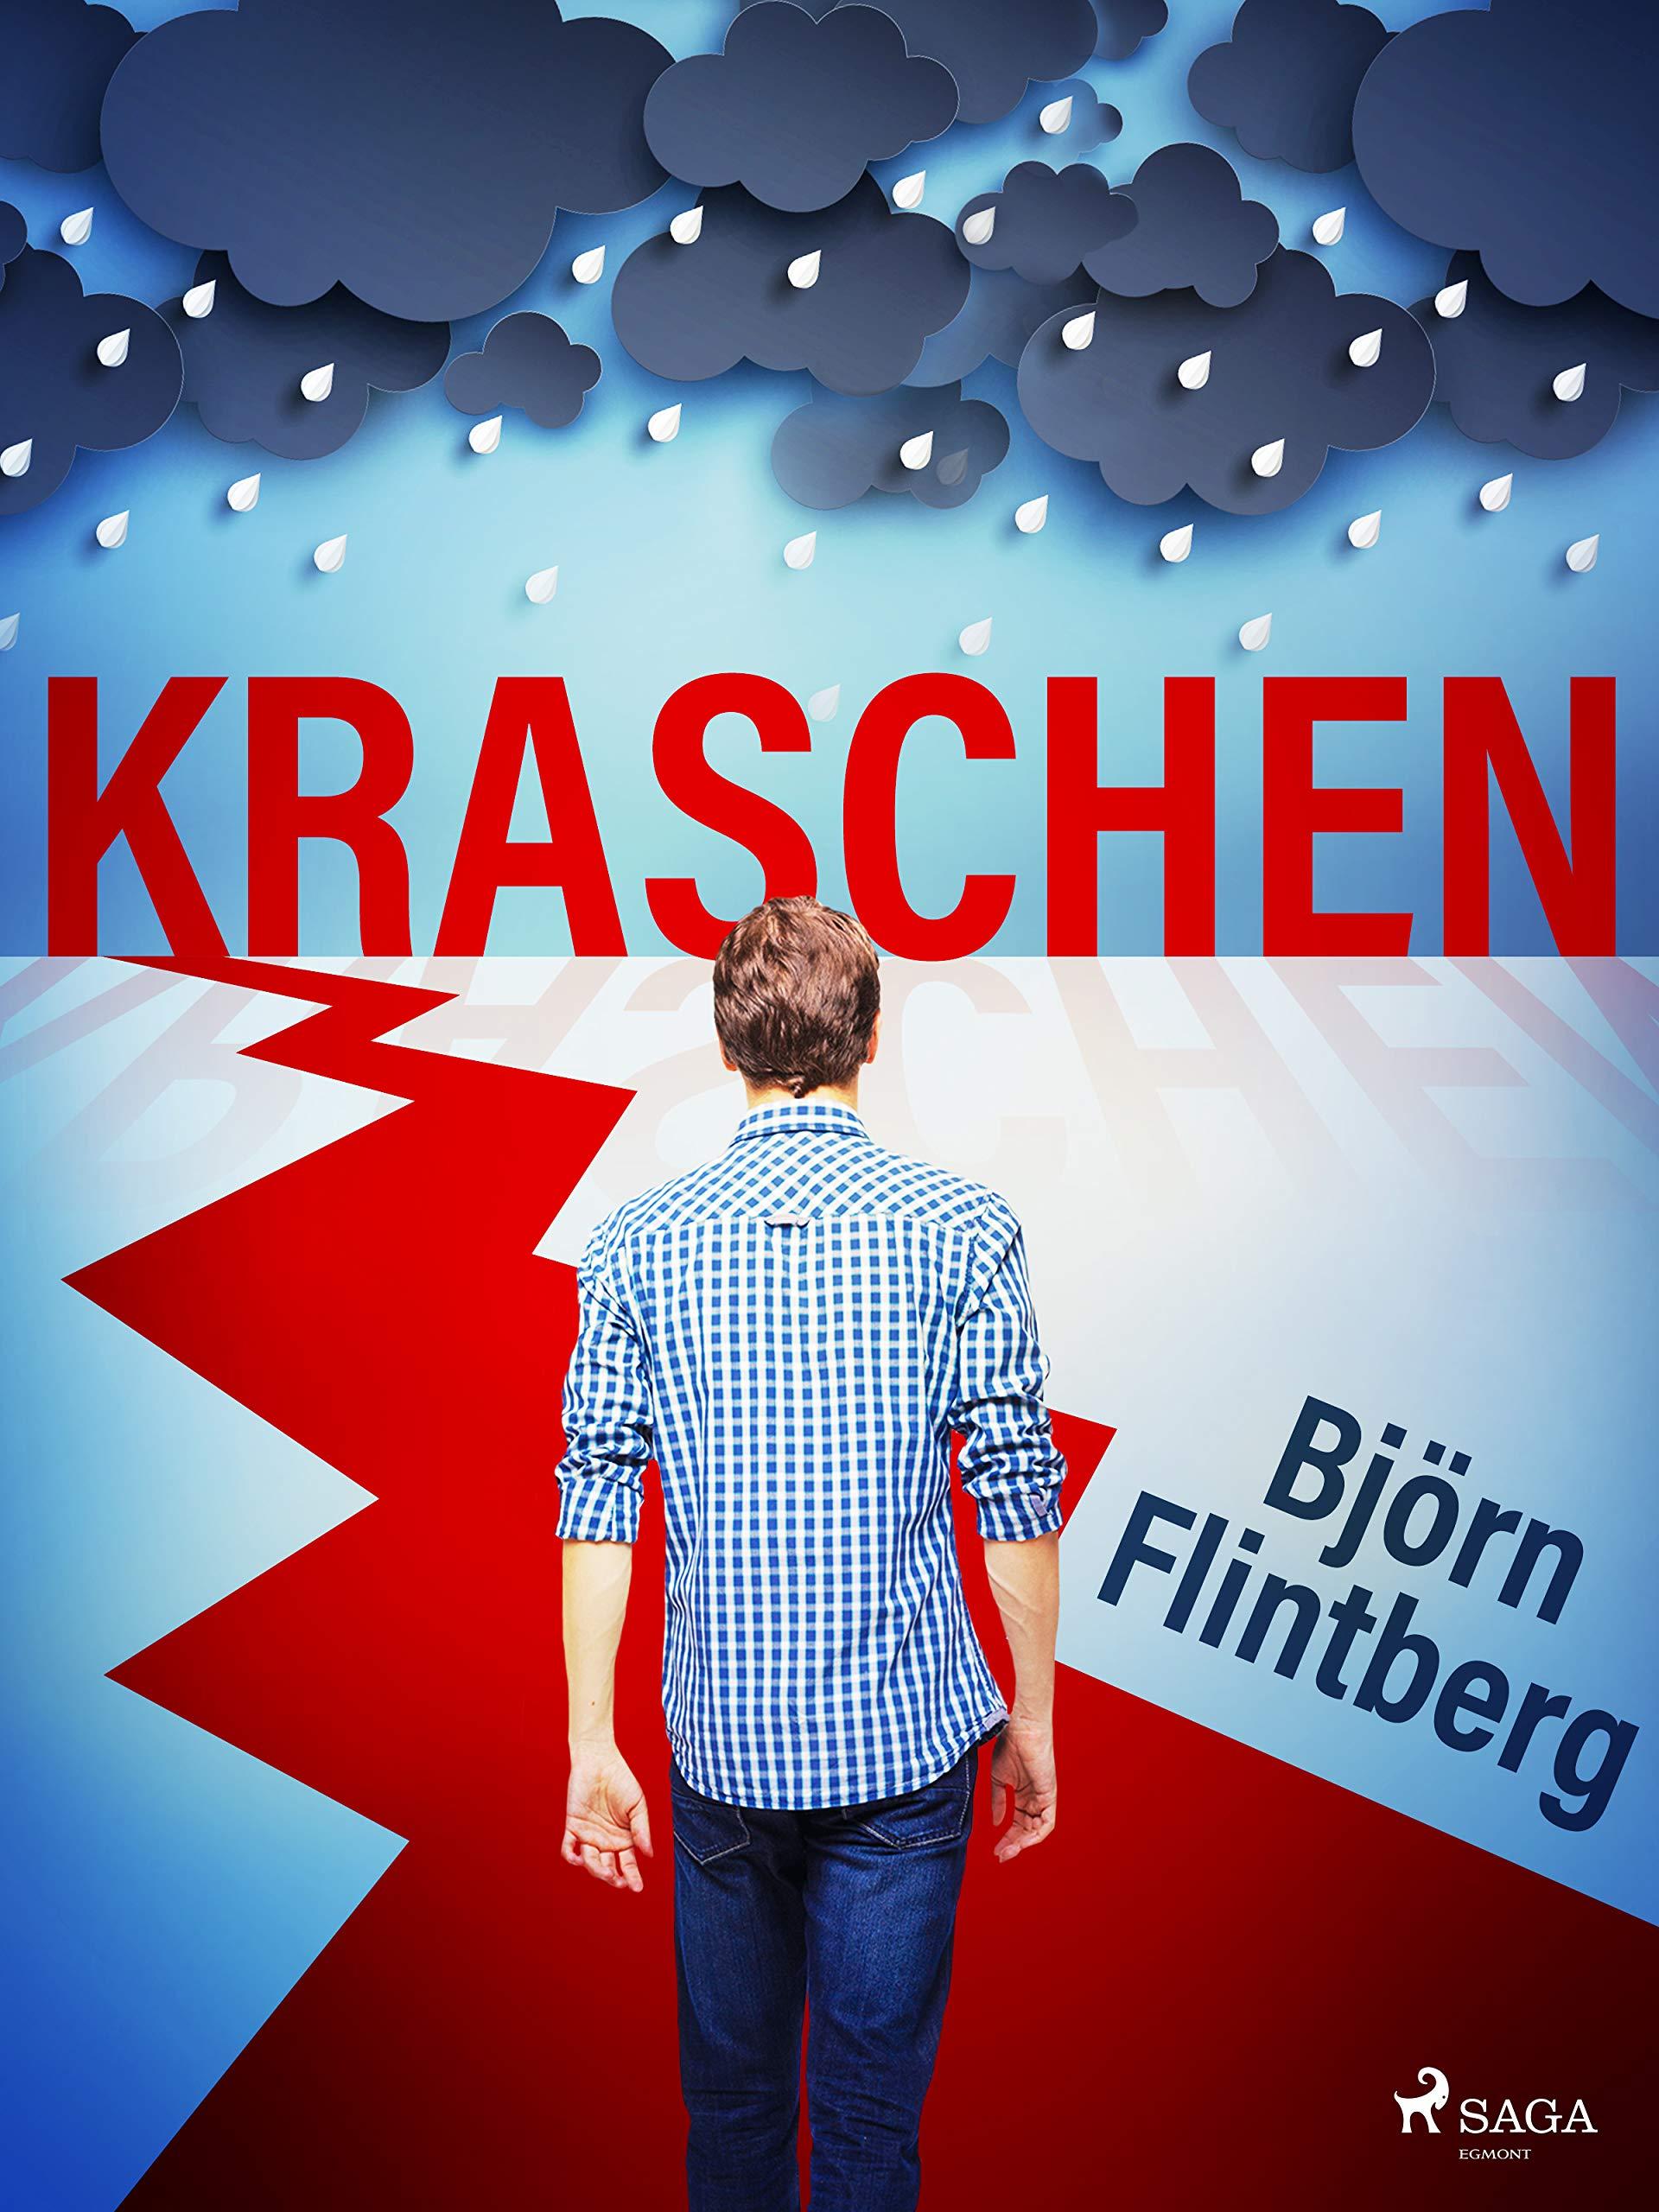 Kraschen (Swedish Edition)